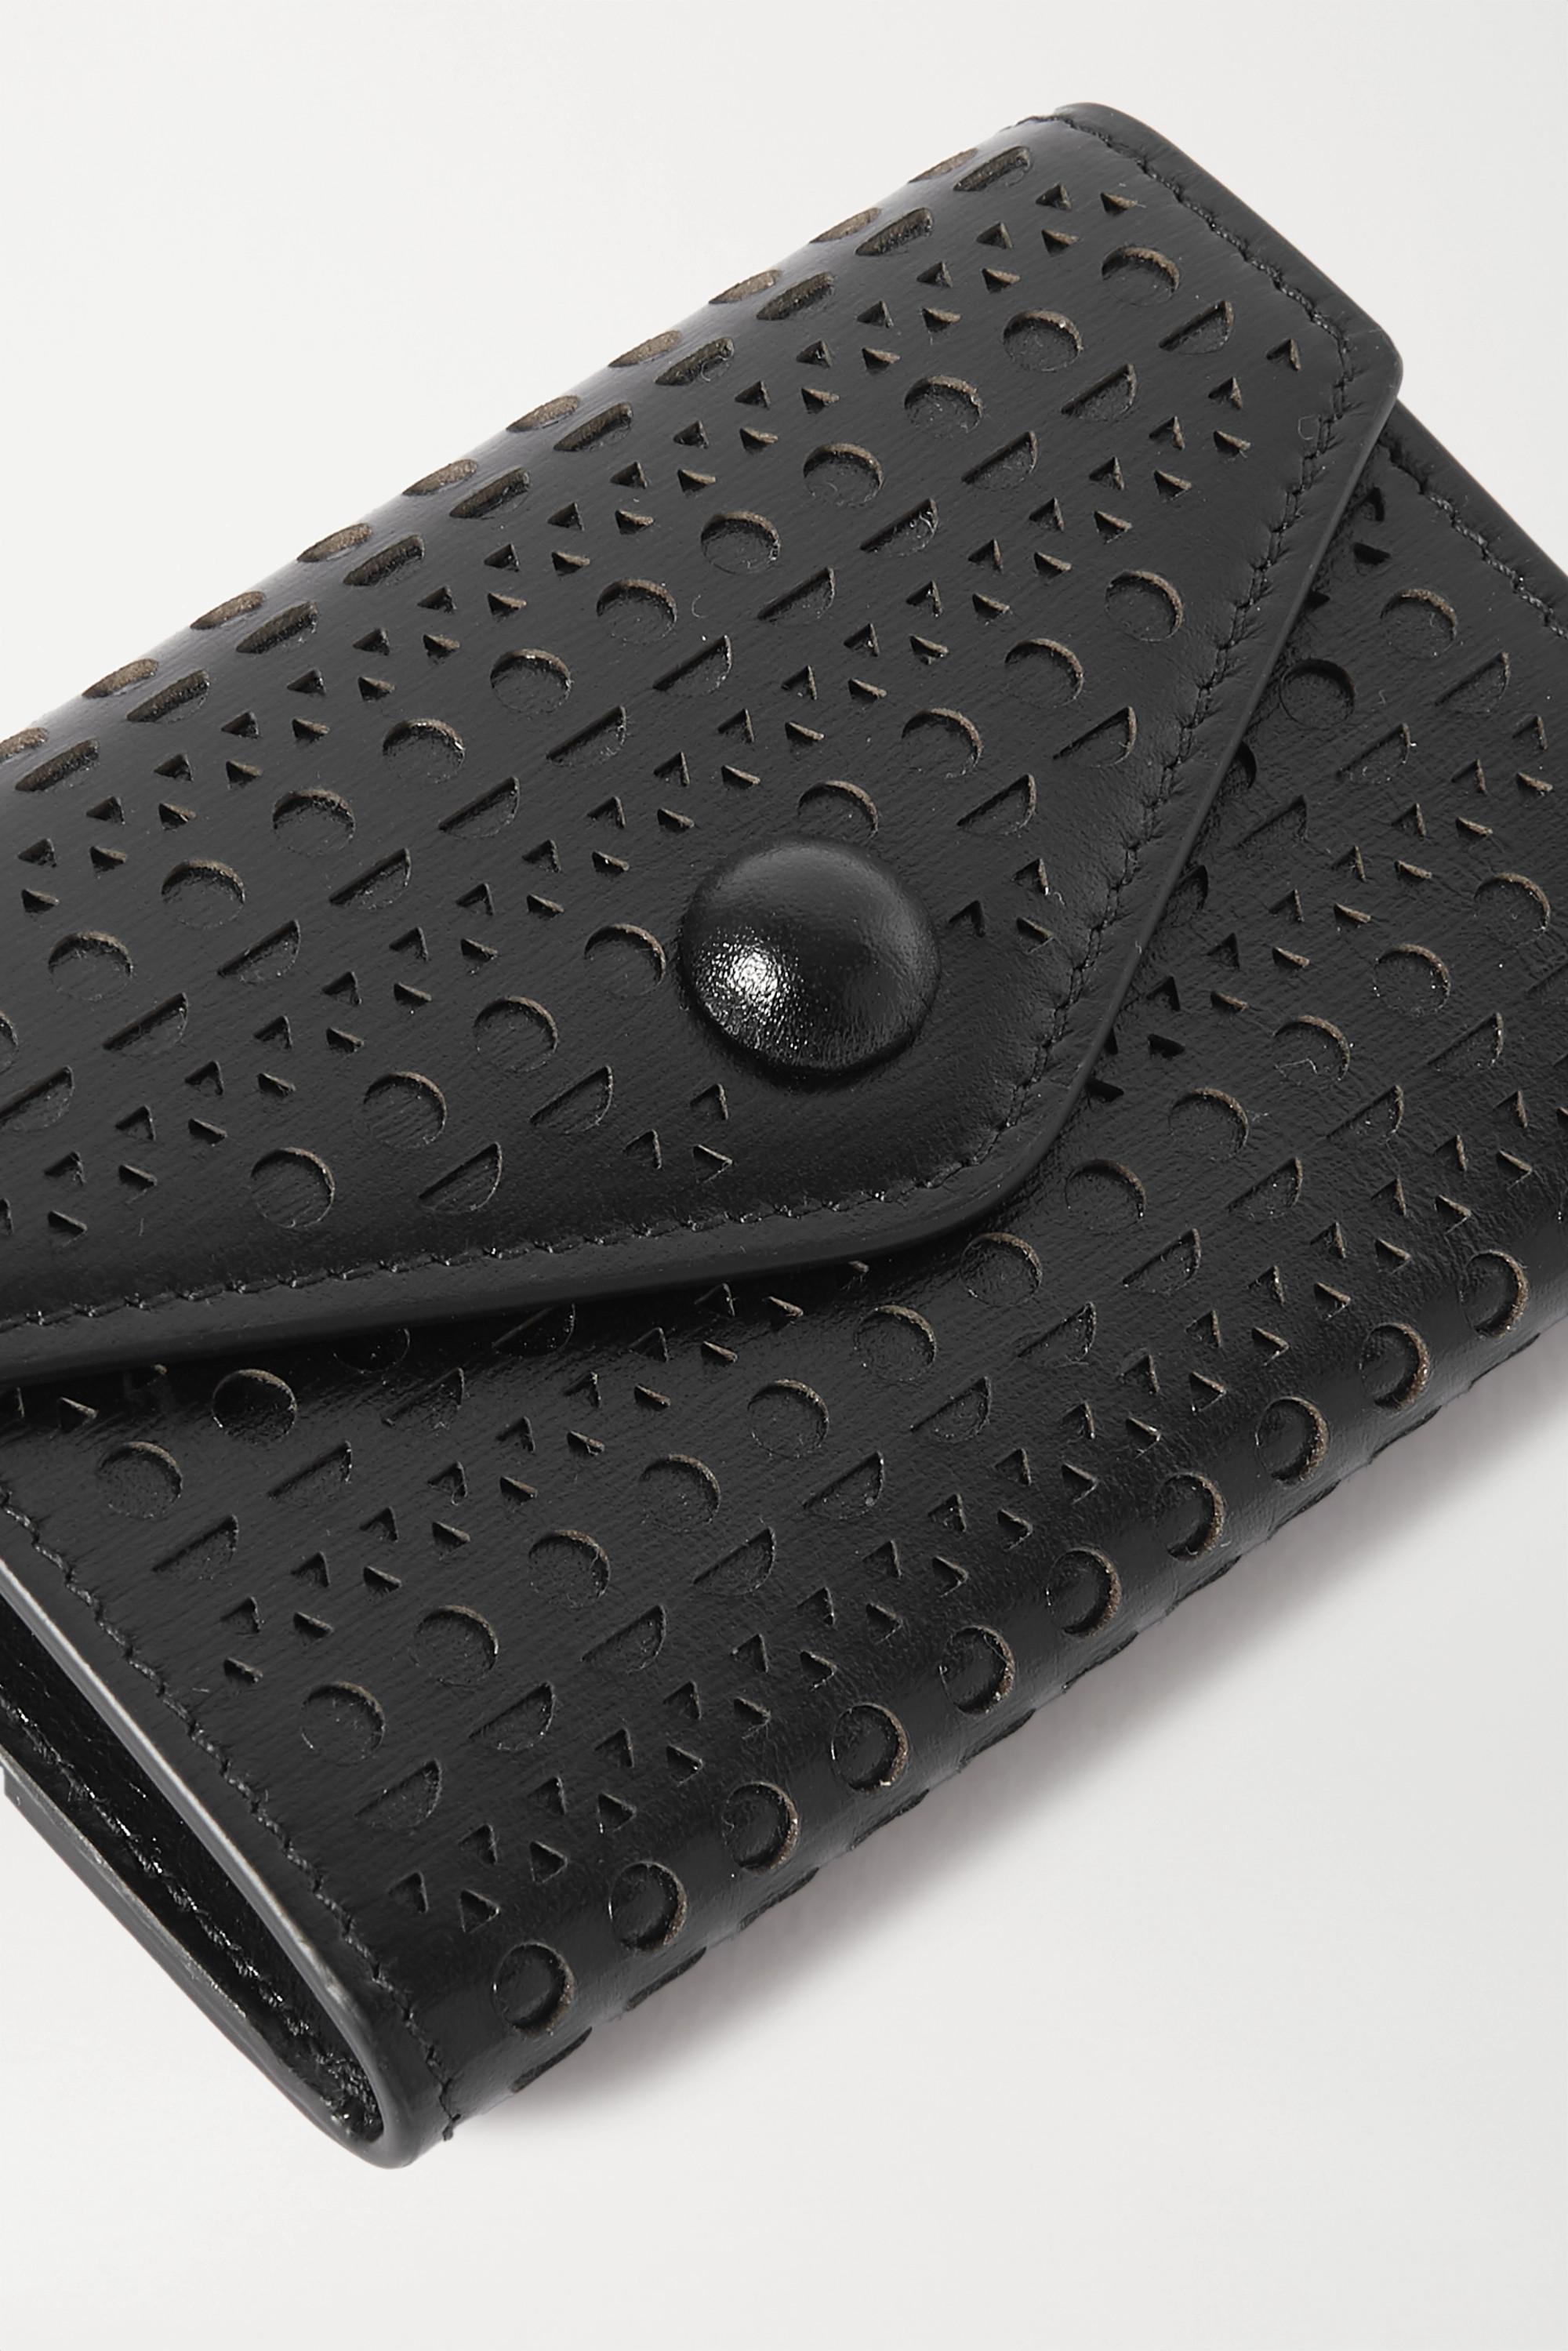 Alaïa Laser-cut leather cardholder